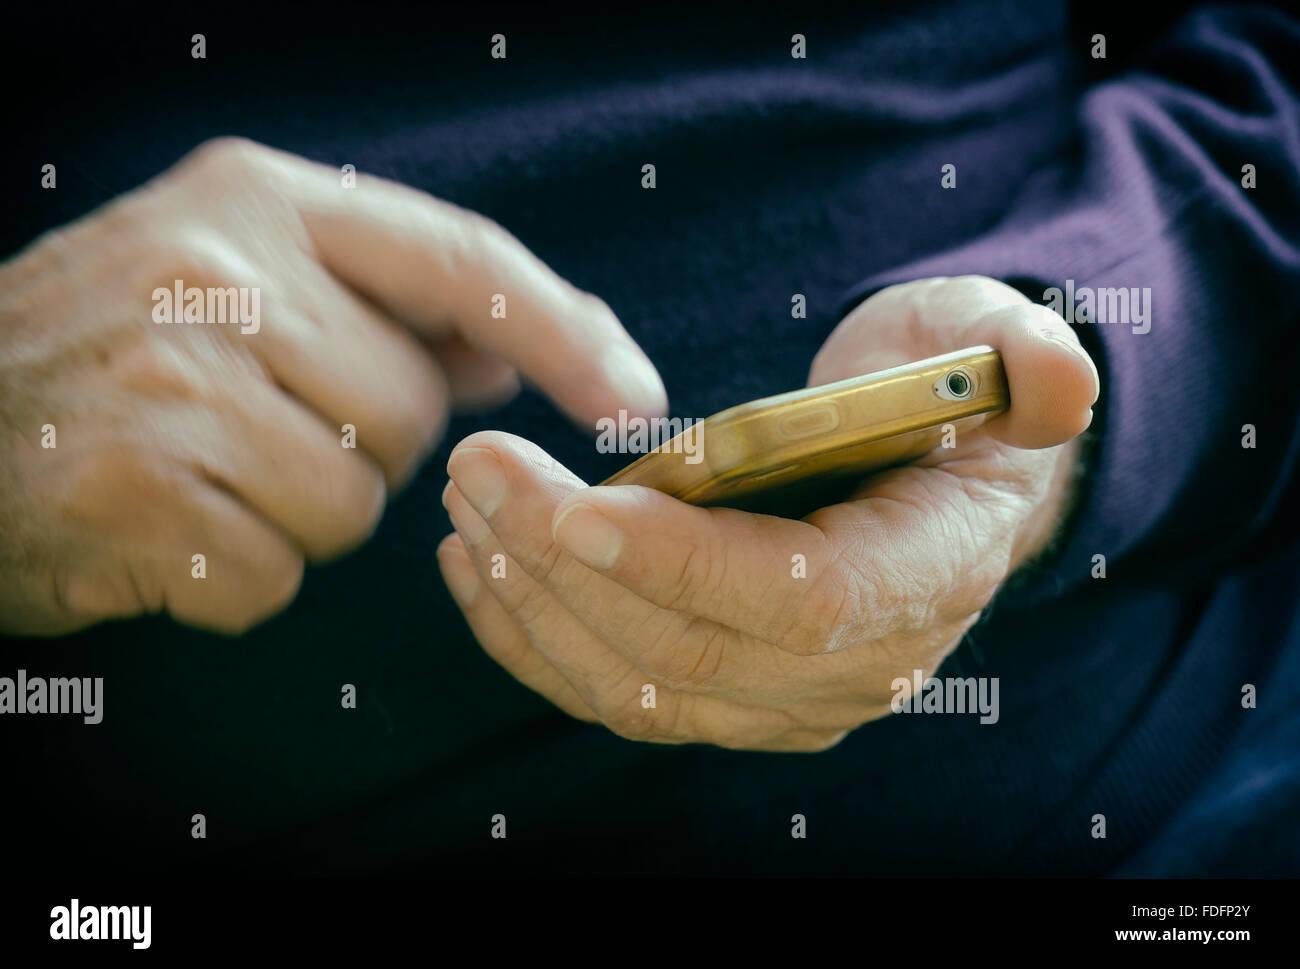 Manos macho introduciendo información en el teléfono inteligente. Imagen De Stock